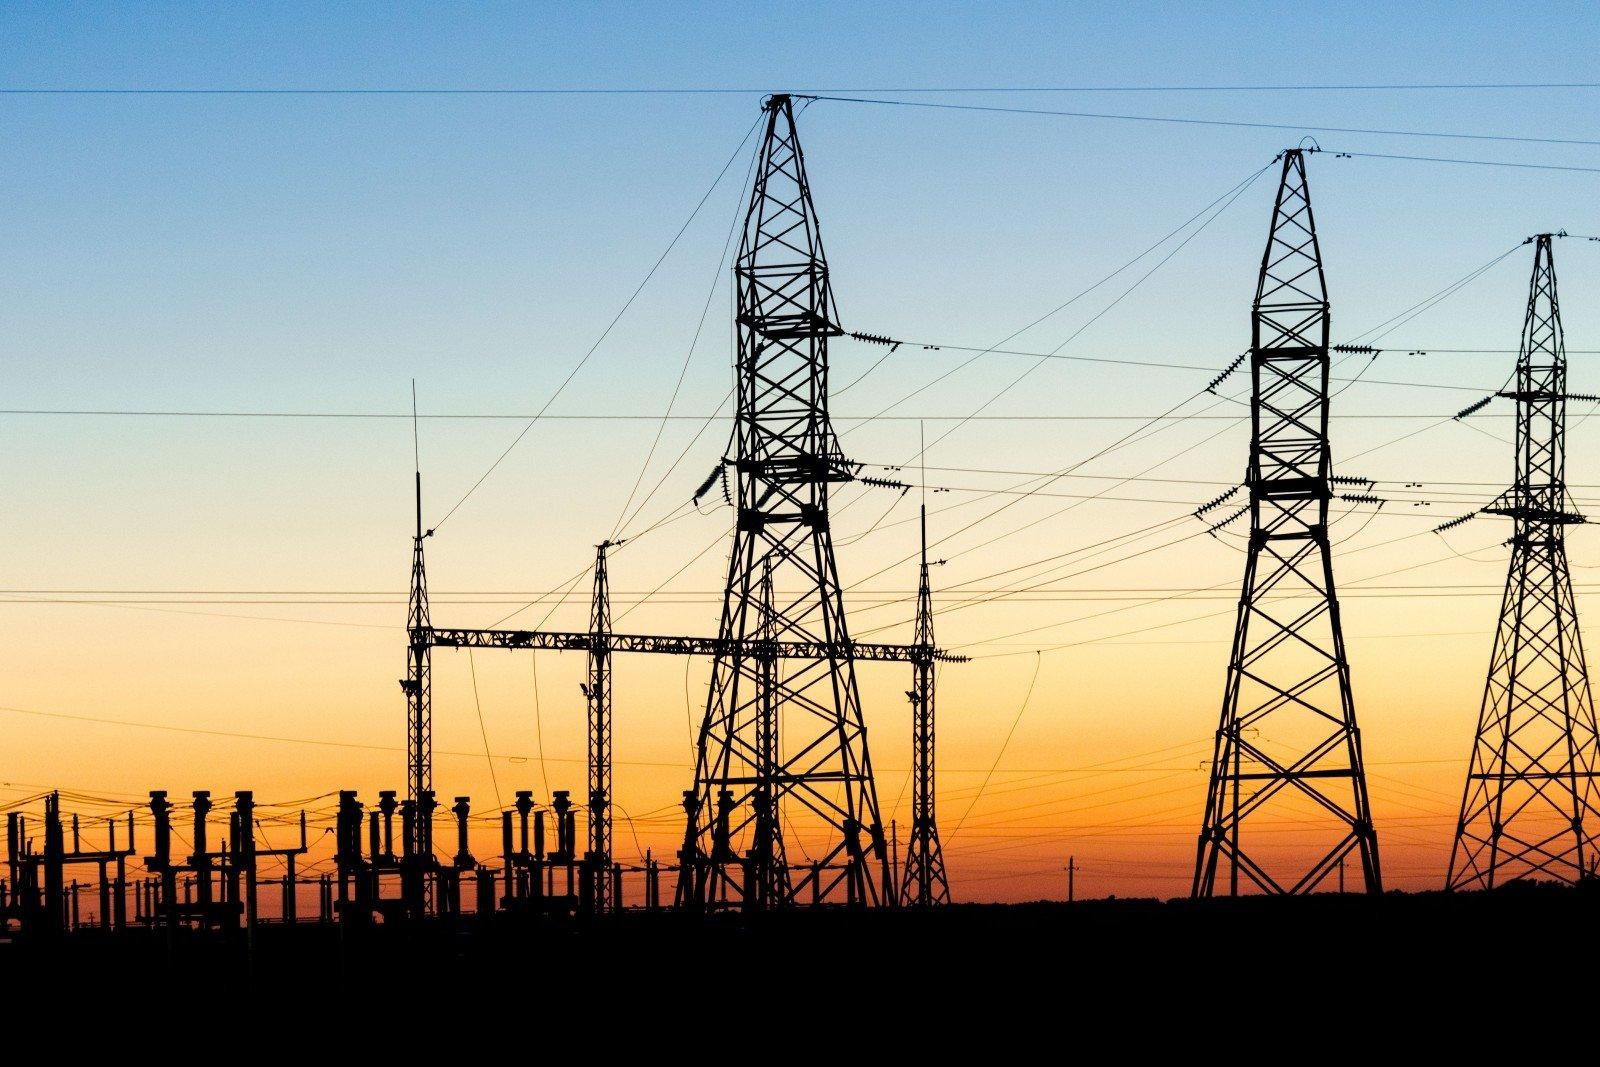 Эксперт: в Казахстане одни из самых низких оптовых цен на электроэнергию среди стран СНГ